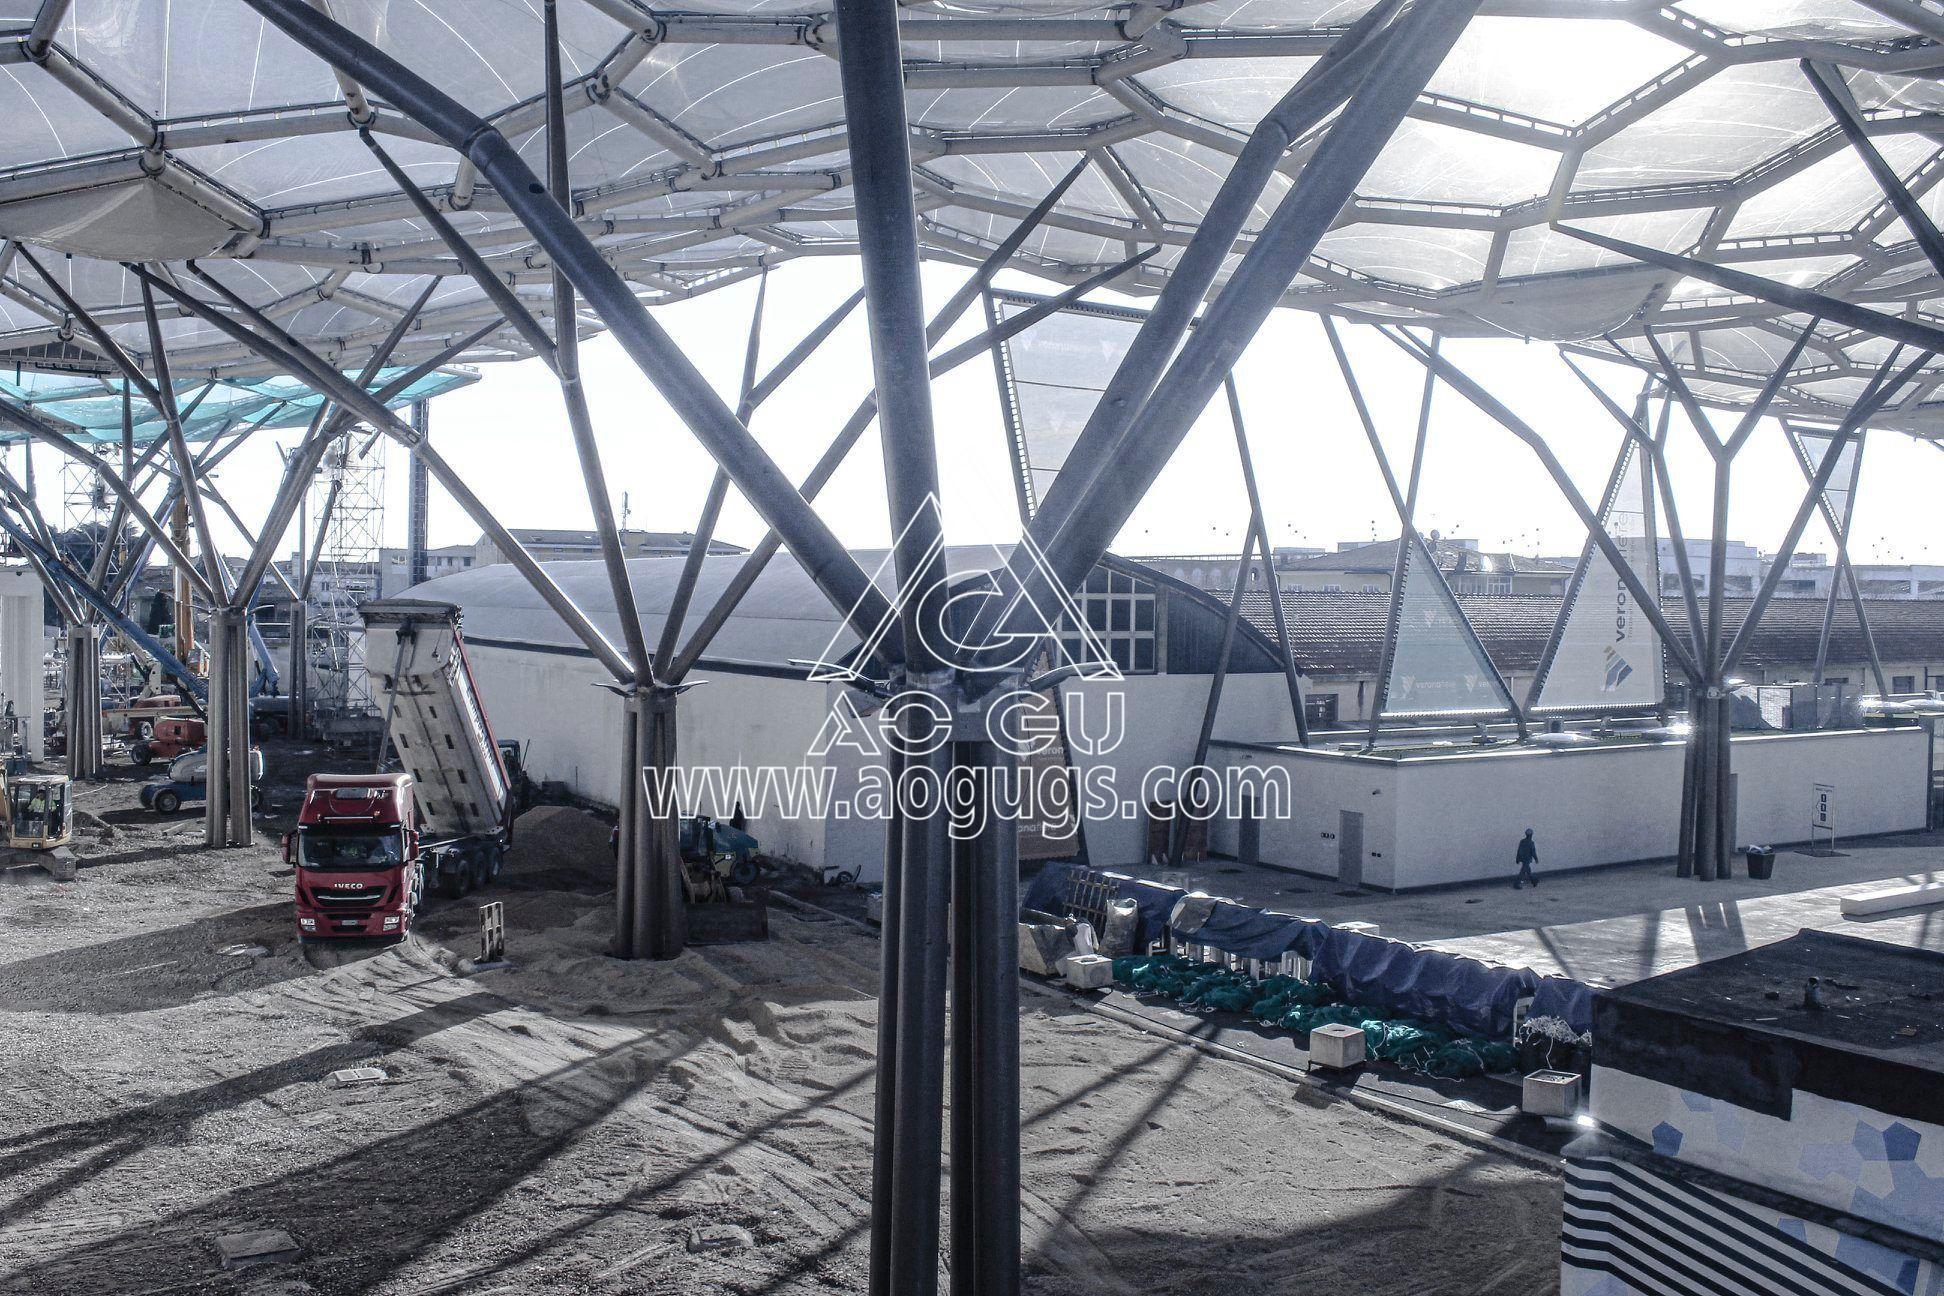 ETFE透明膜 ETFE膜工程 ETFE膜材料制作 充气膜 气枕 产品演示图2